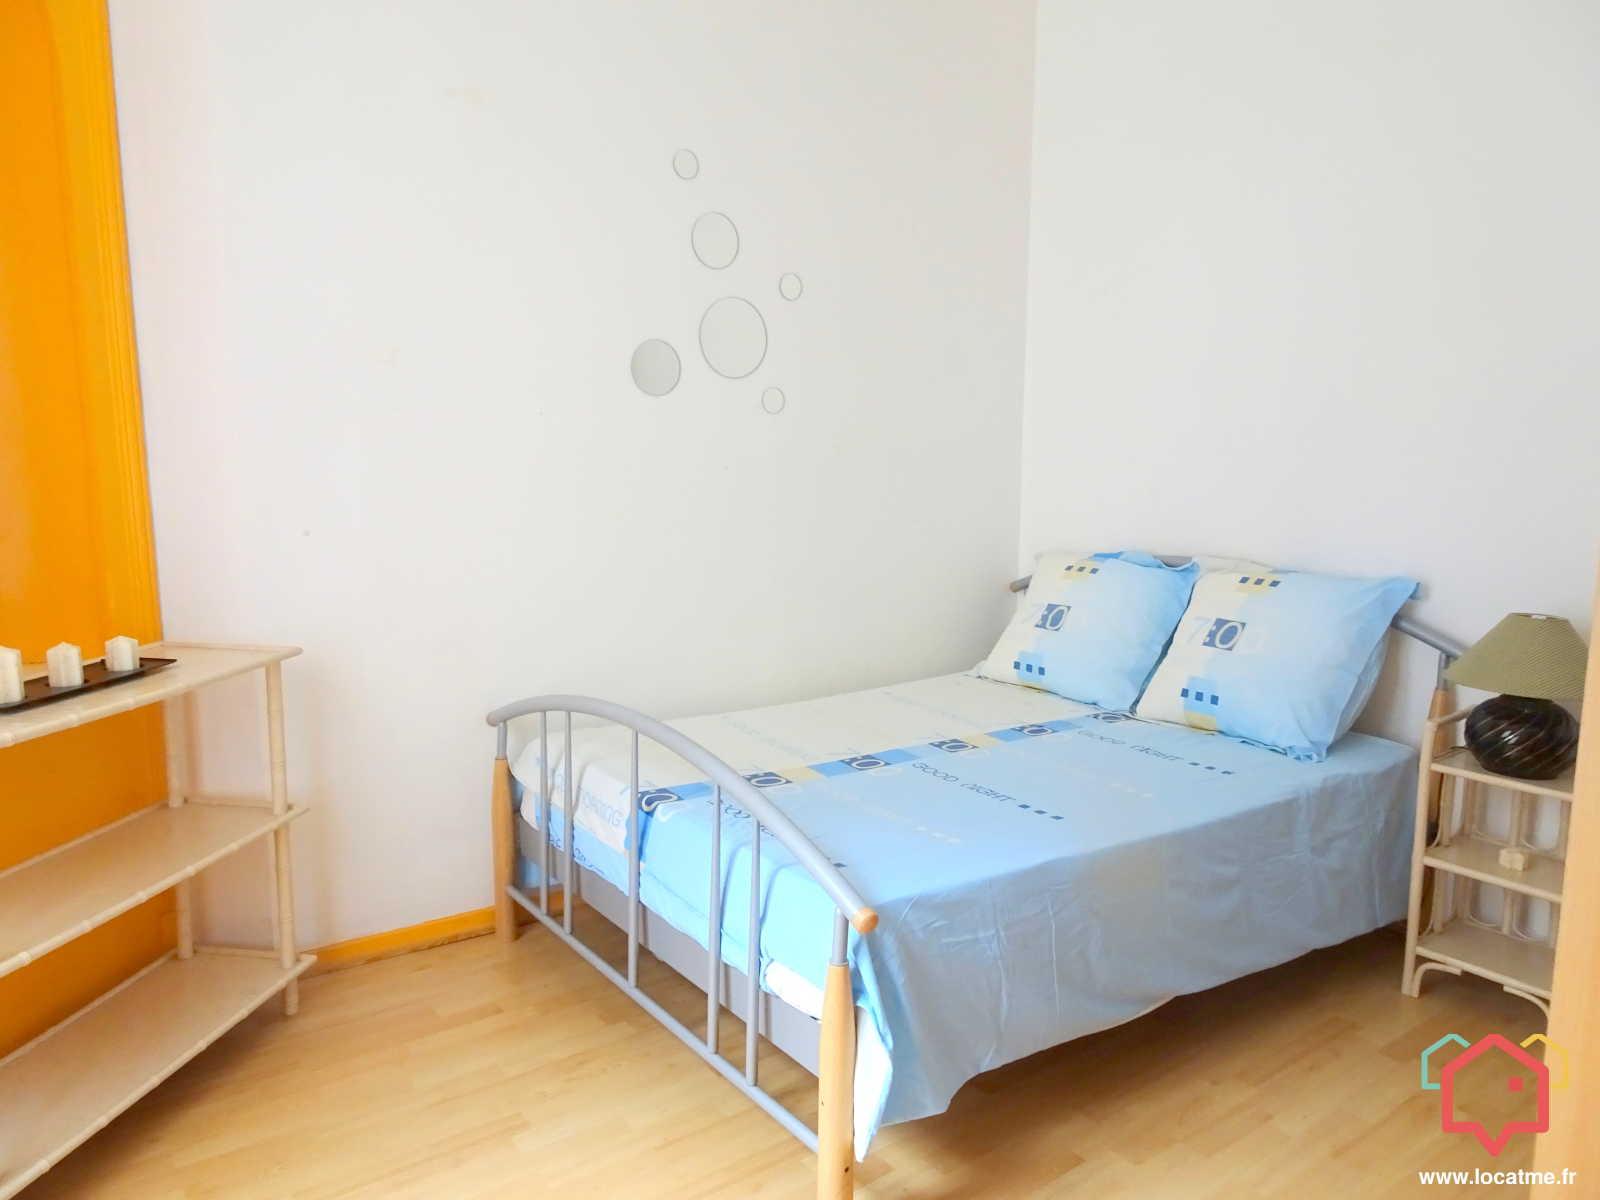 Beau Location Appartement Meublé Entre Particulier à Besançon Photo